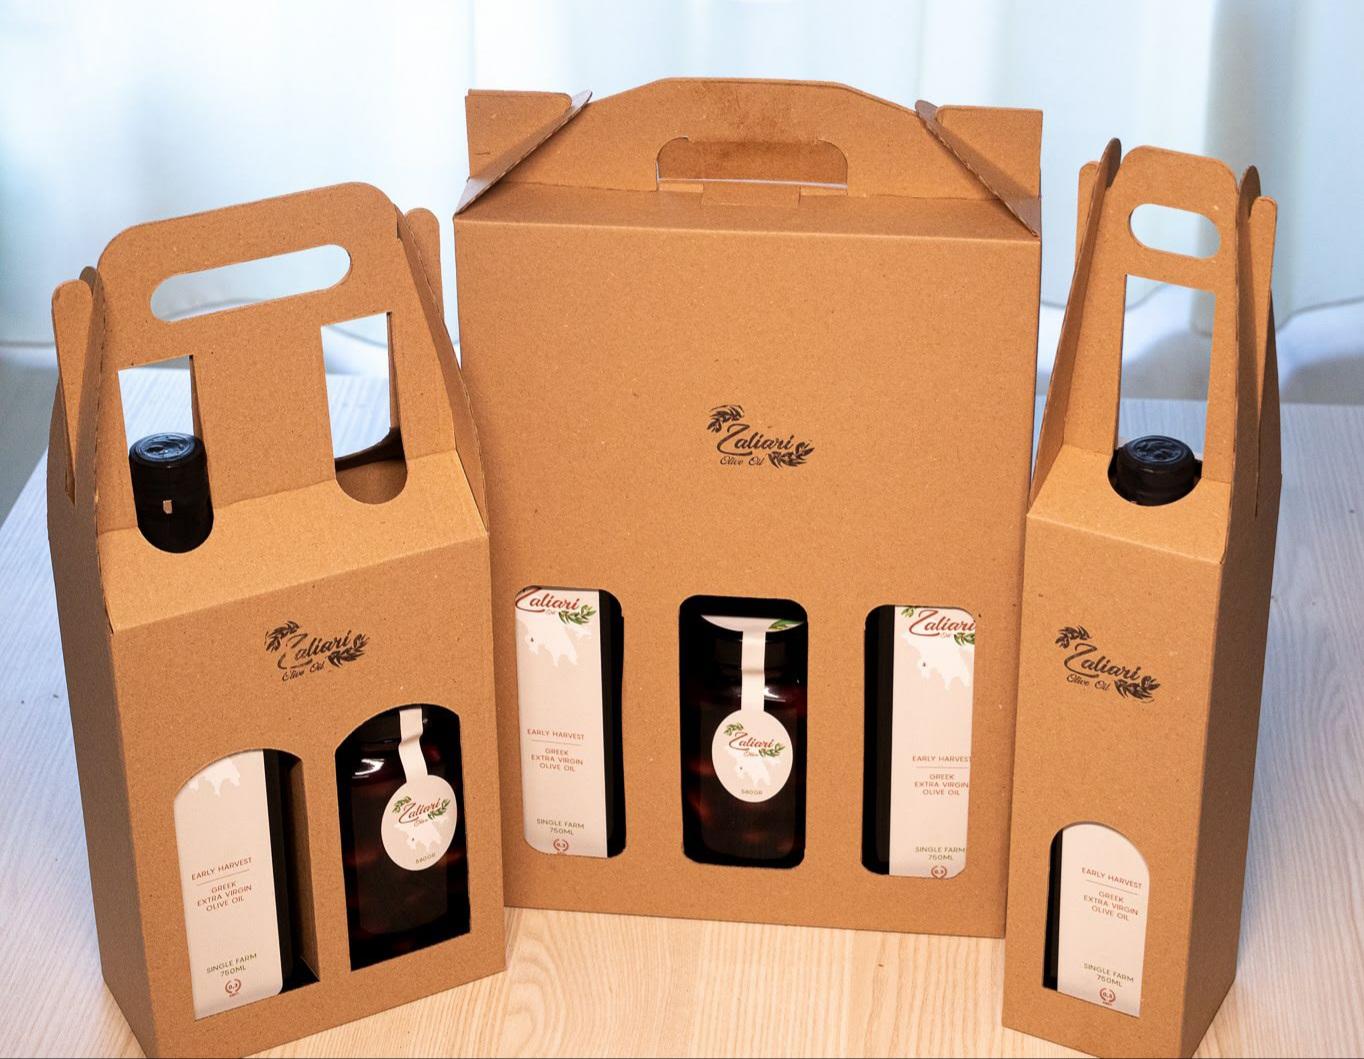 Zaliari Olive Oil